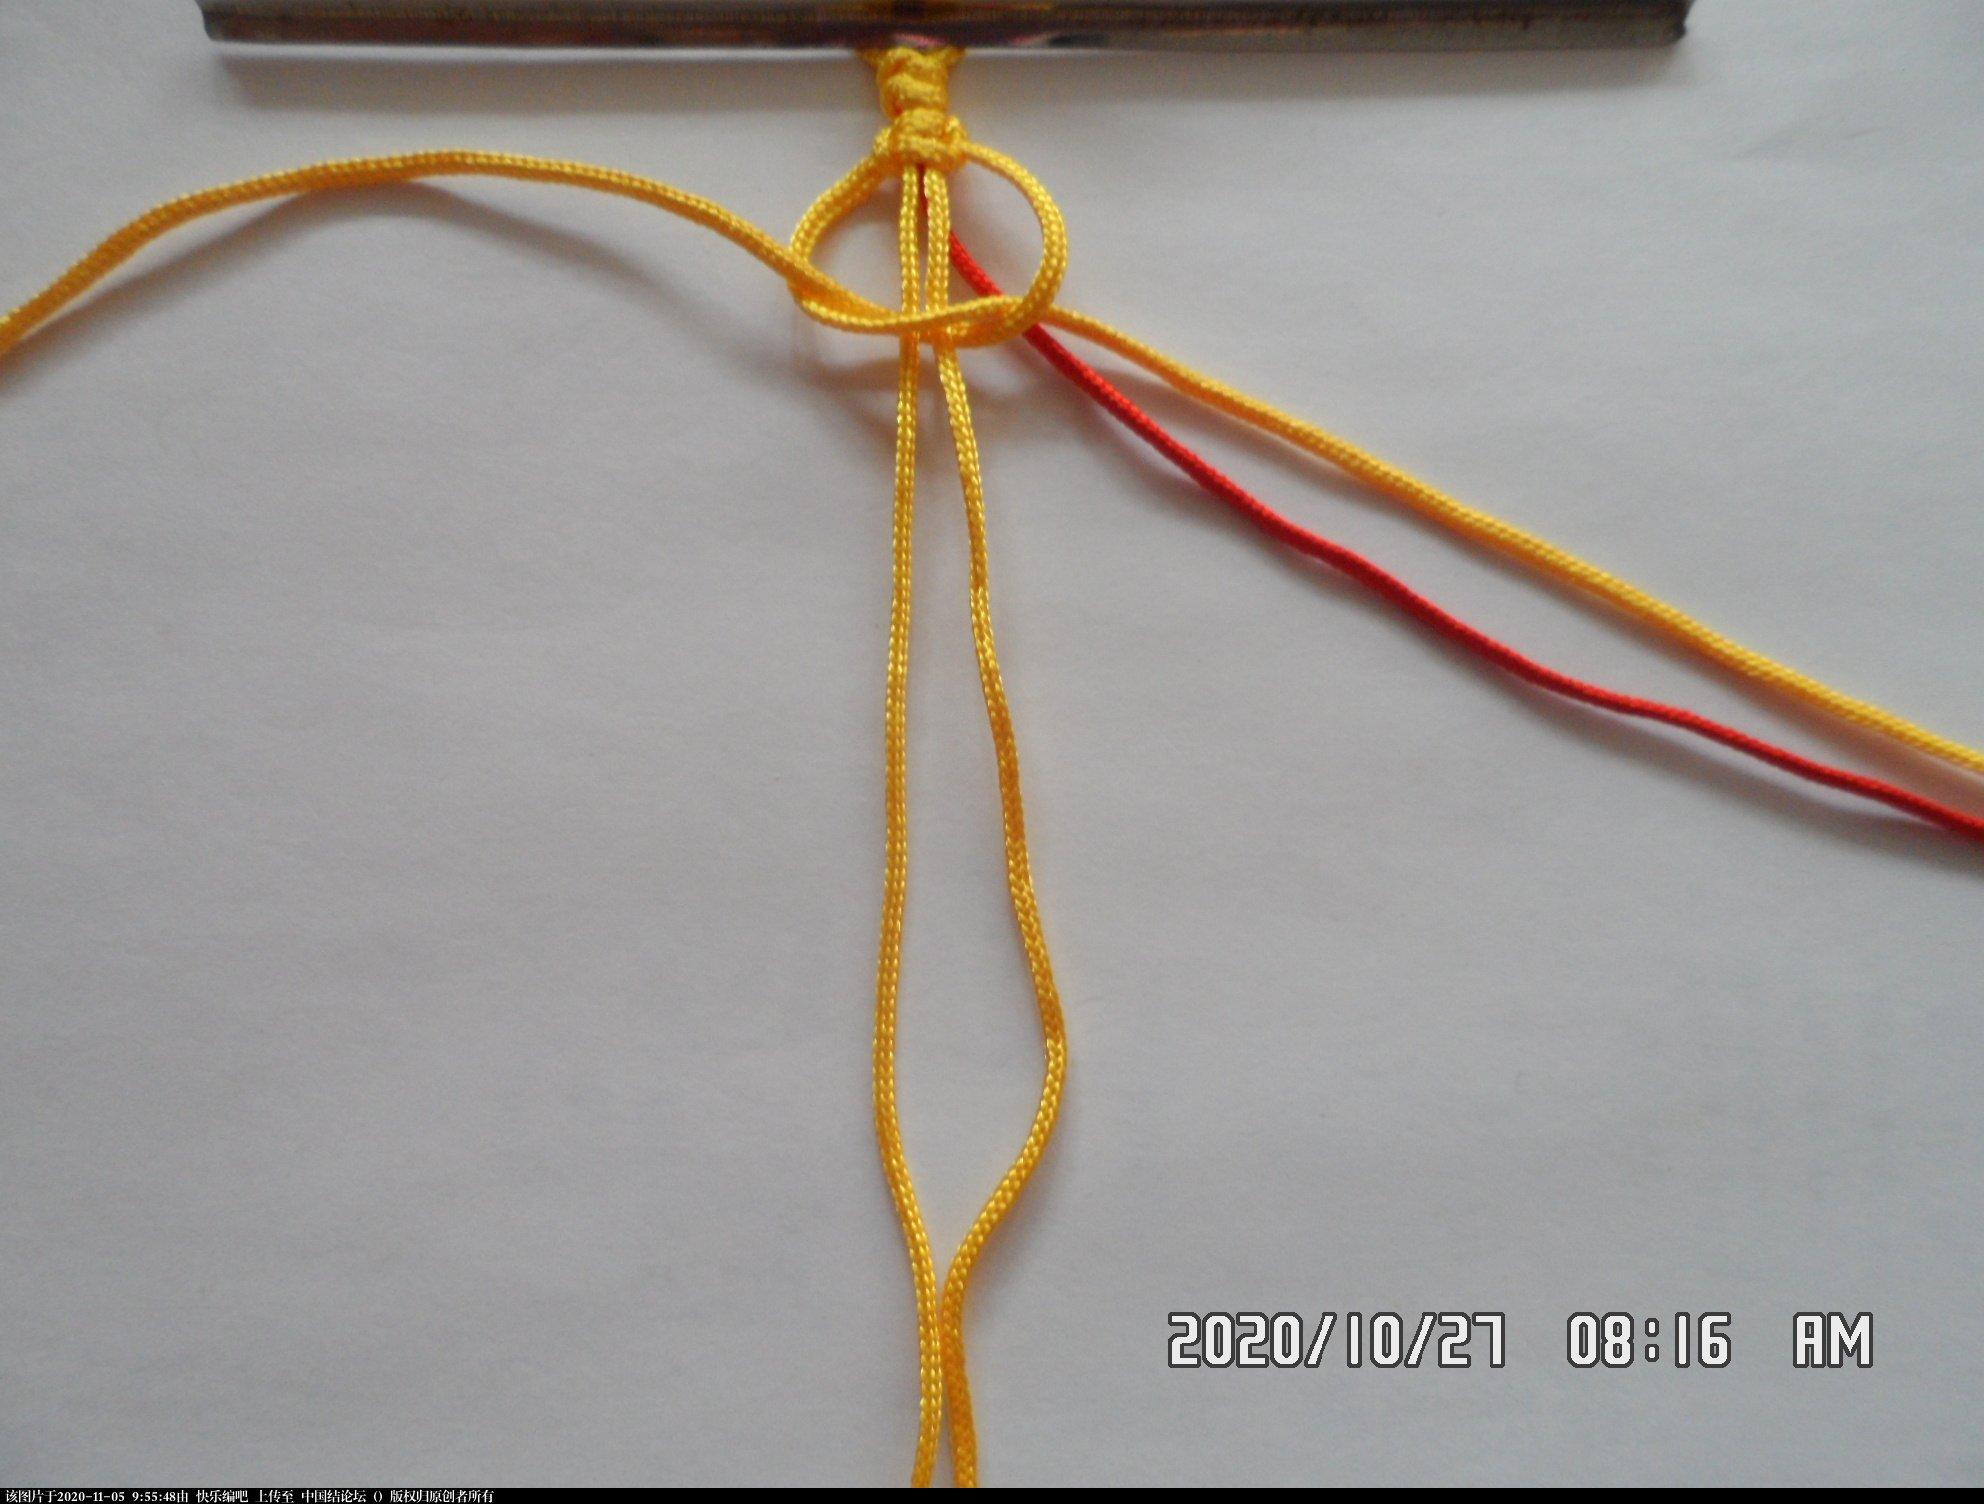 中国结论坛 一款添加装饰线的平结手绳 —— 平结还可以这样编(4) 平结,平结的链,手链,中国结入门基础教程 图文教程区 090553x5xm37pxpb23mb5o